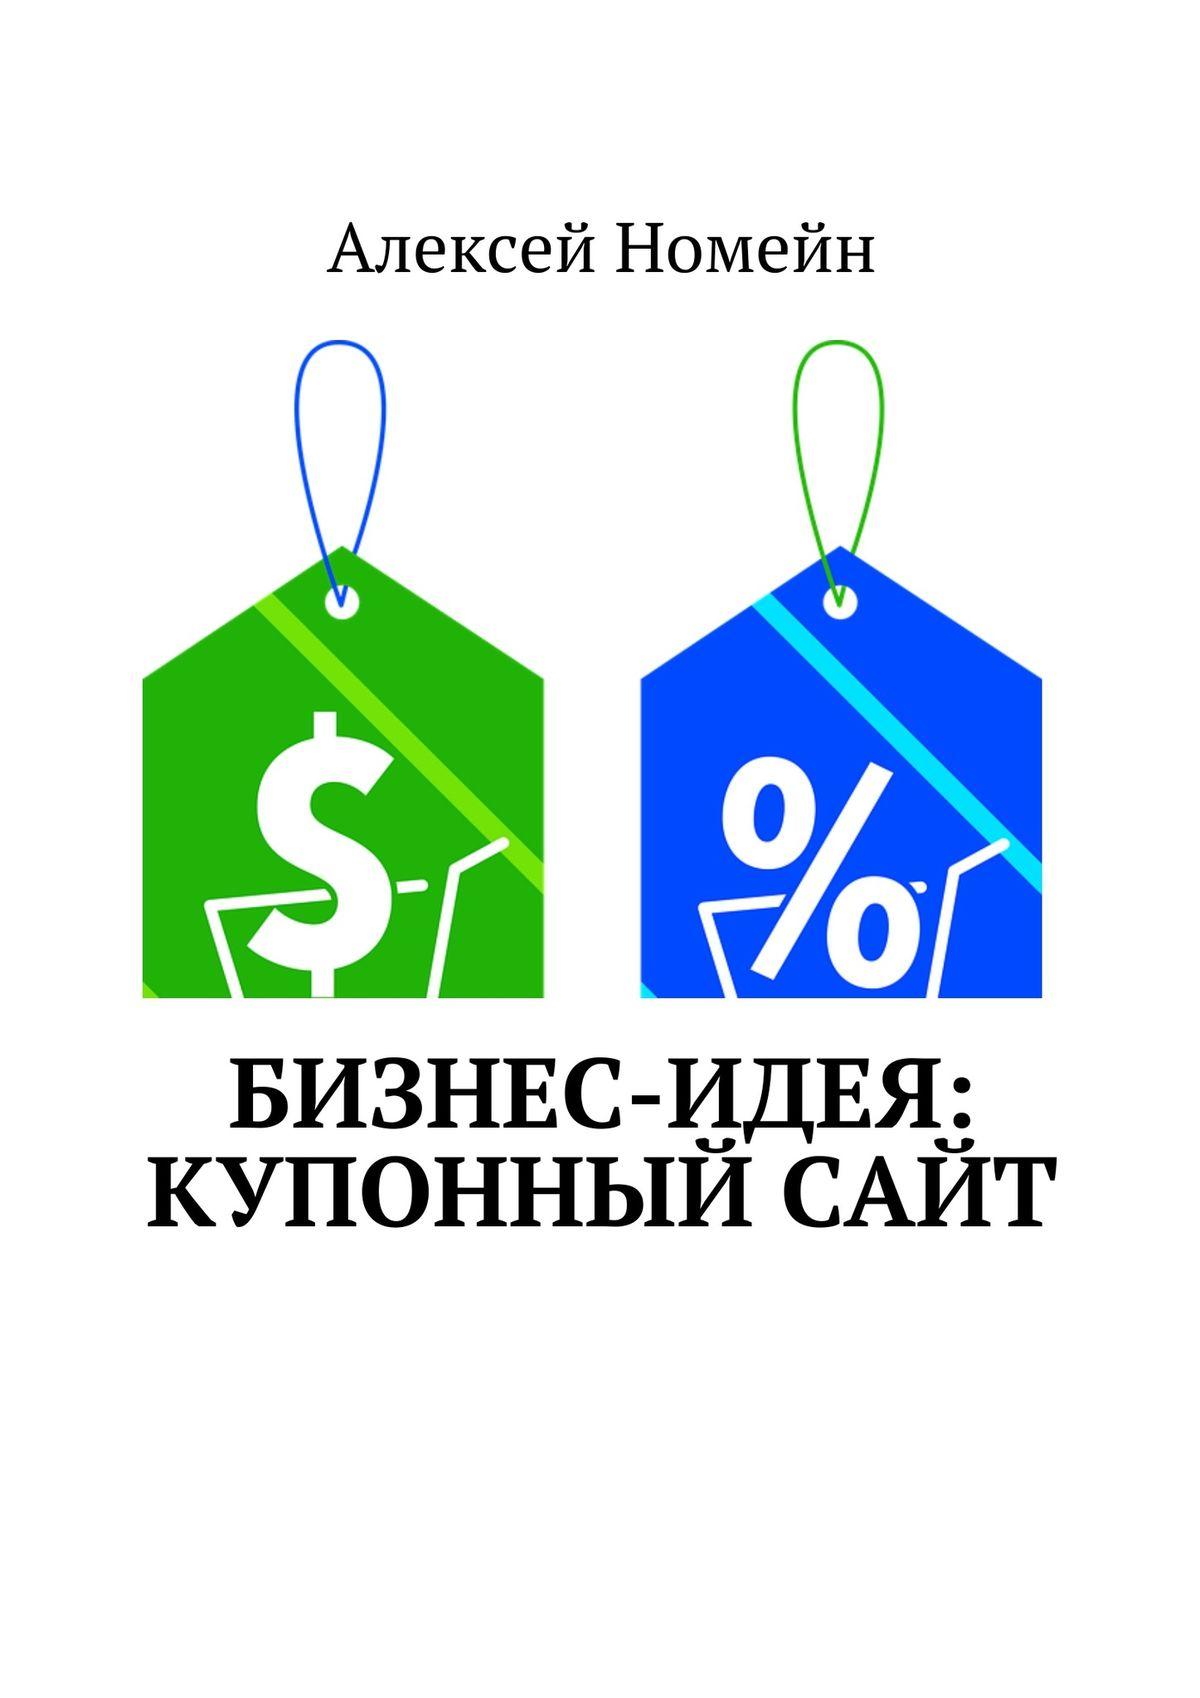 Алексей Номейн Бизнес-идея: Купонныйсайт ярослава лим бизнес идея тепличное хозяйство счего начать